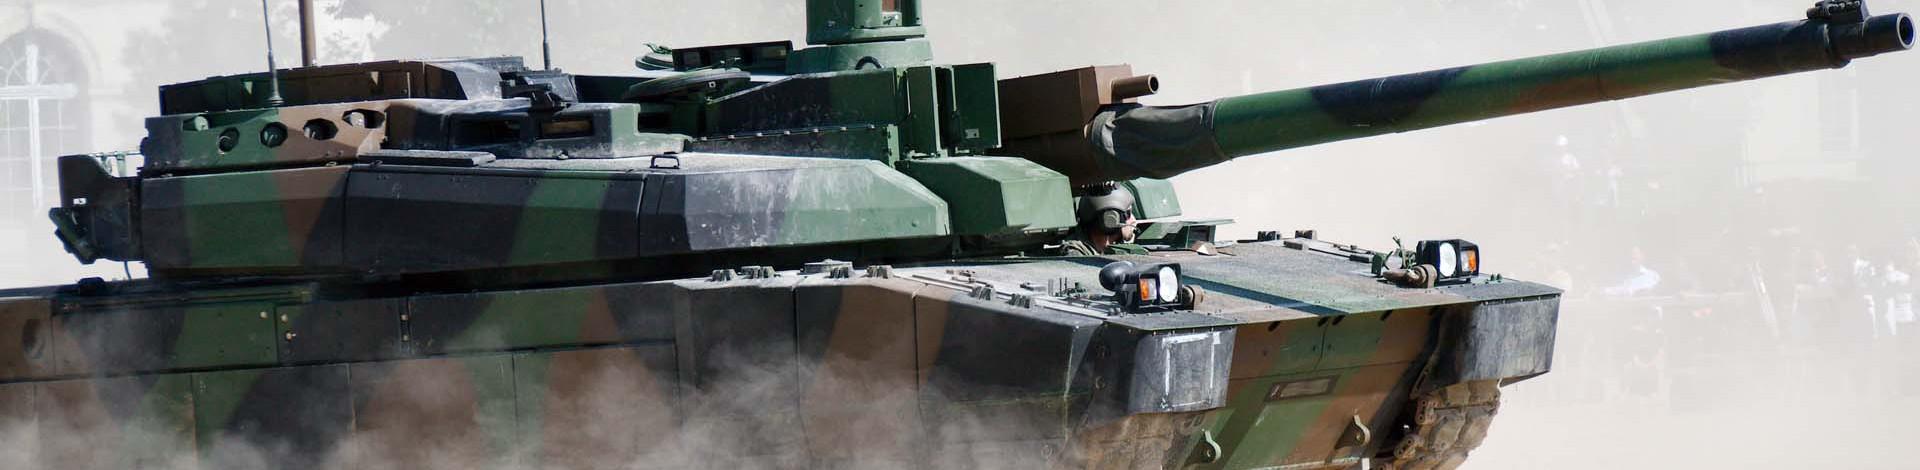 défense armée